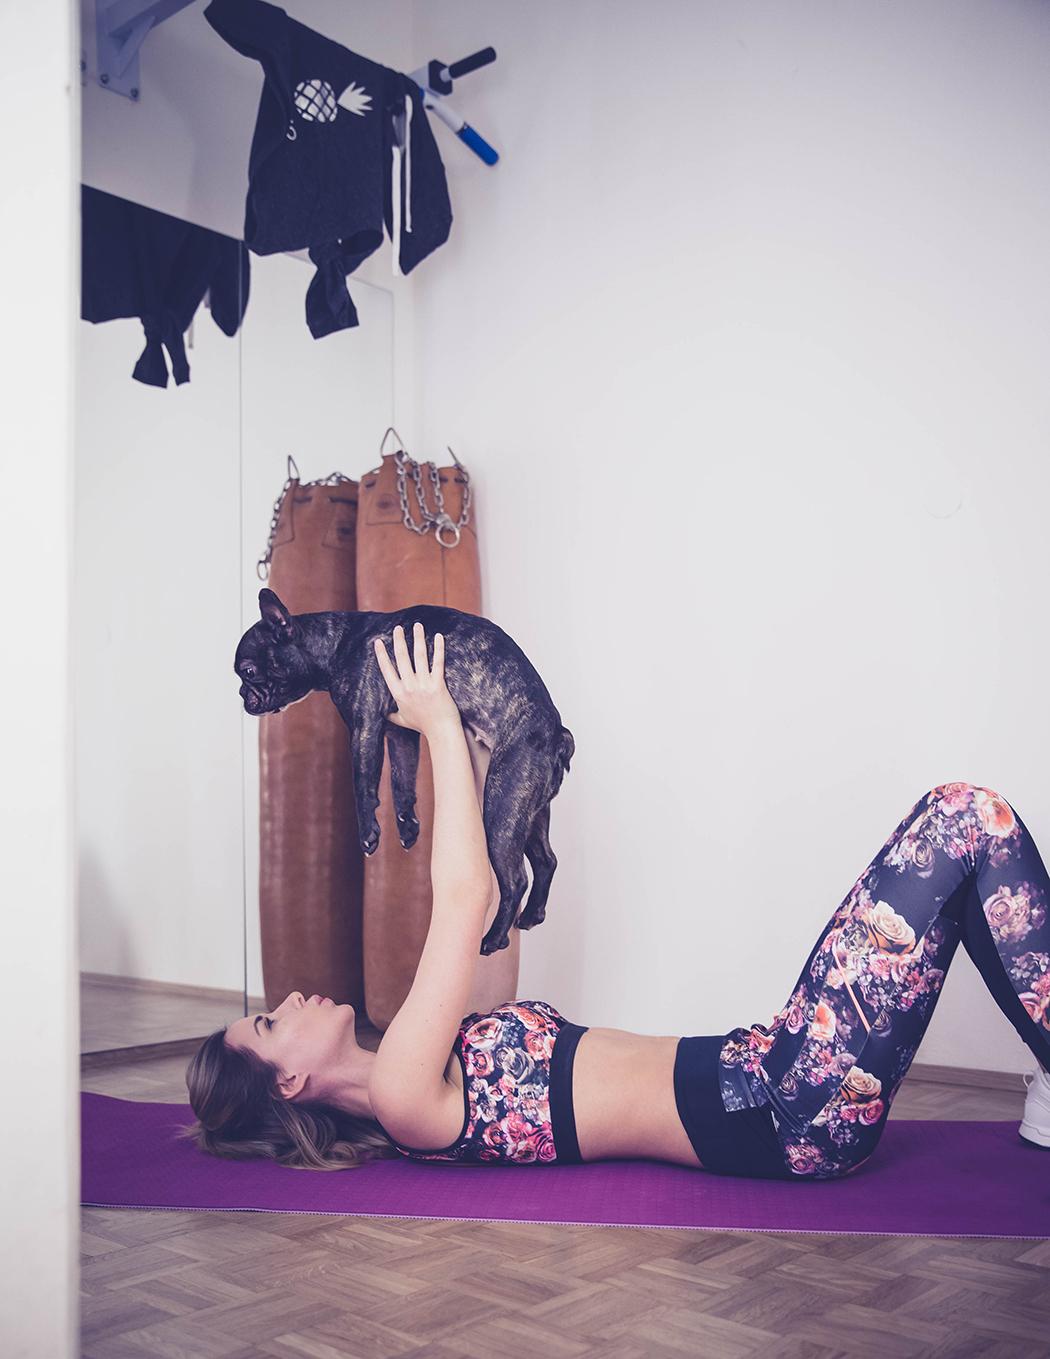 Fitnessblog-Fitnessblogger-Fitness-Blog-Blogger-Muenchen-Deutschland-Oasis-Sportkollektion-Gym-Lindarella-4-web